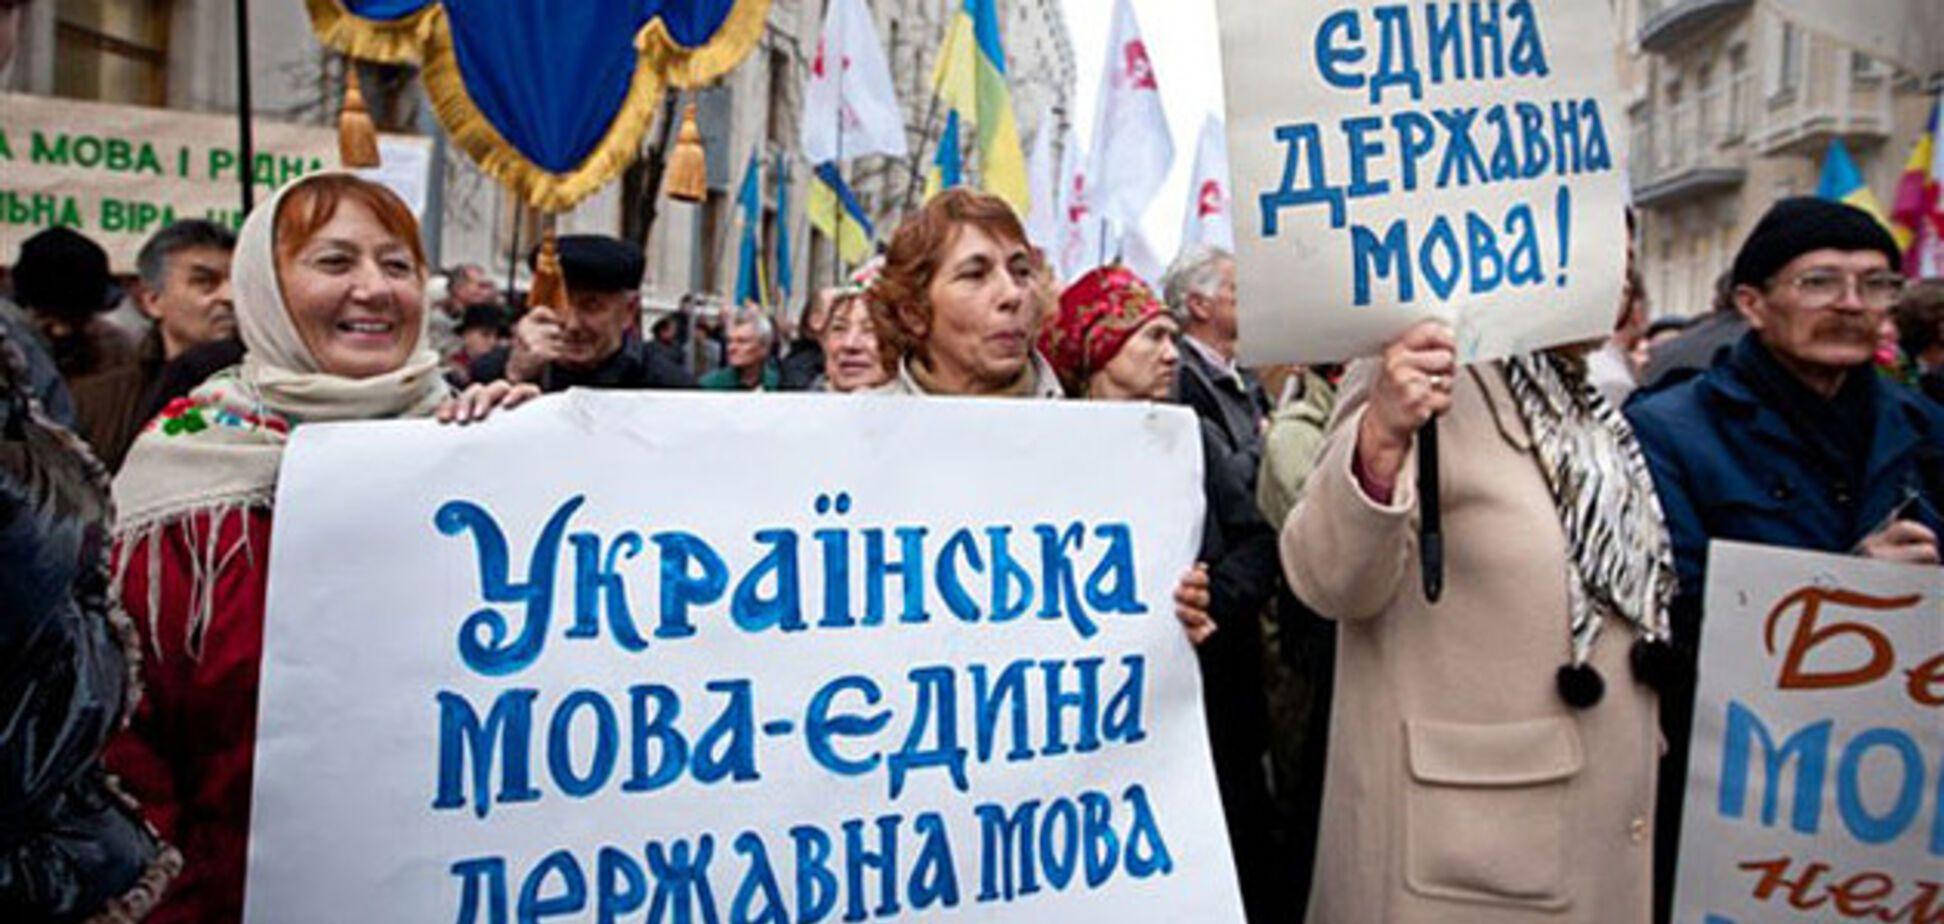 'Нужно ломать': известный блогер дал советы по переходу на украинский язык